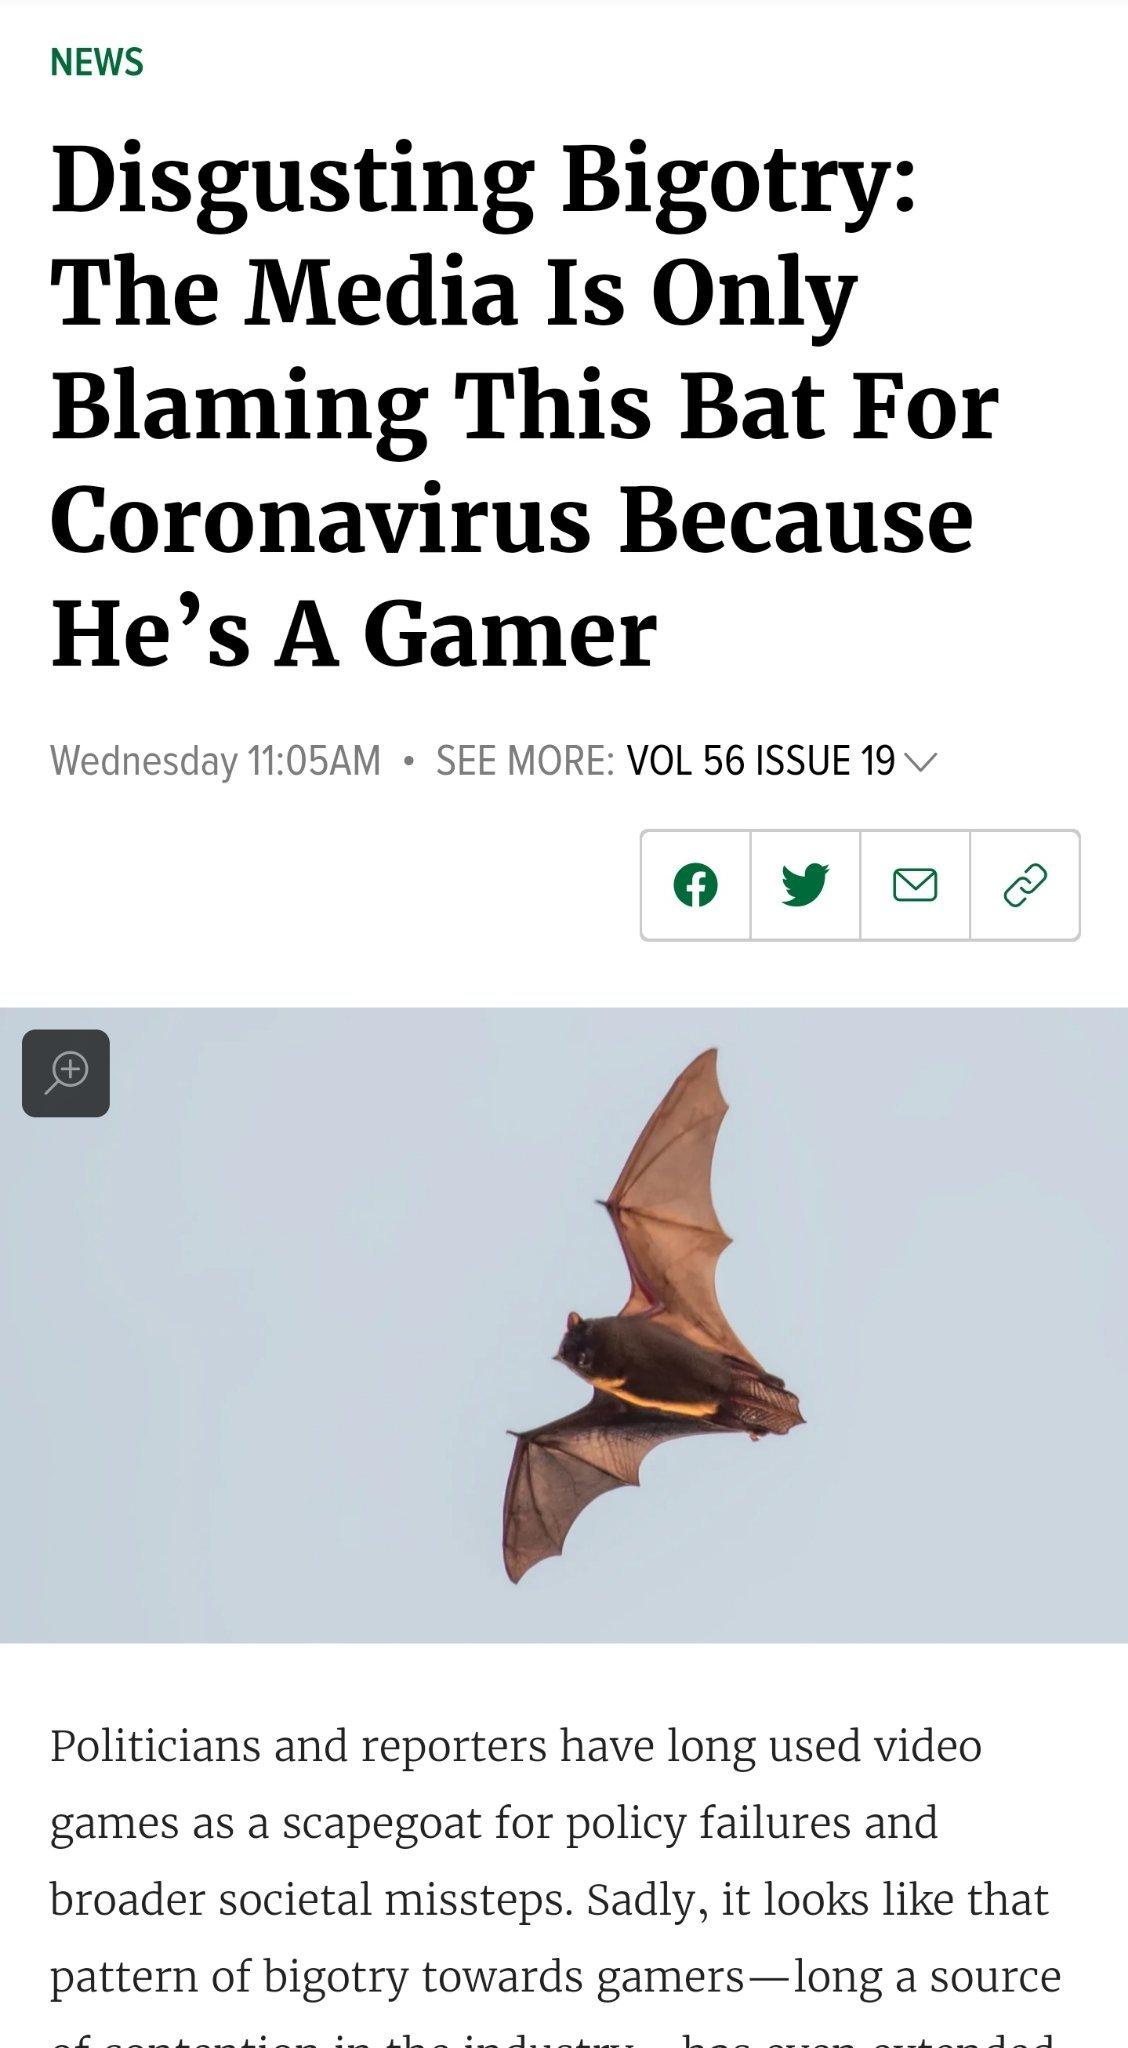 Dongs in a bat - meme